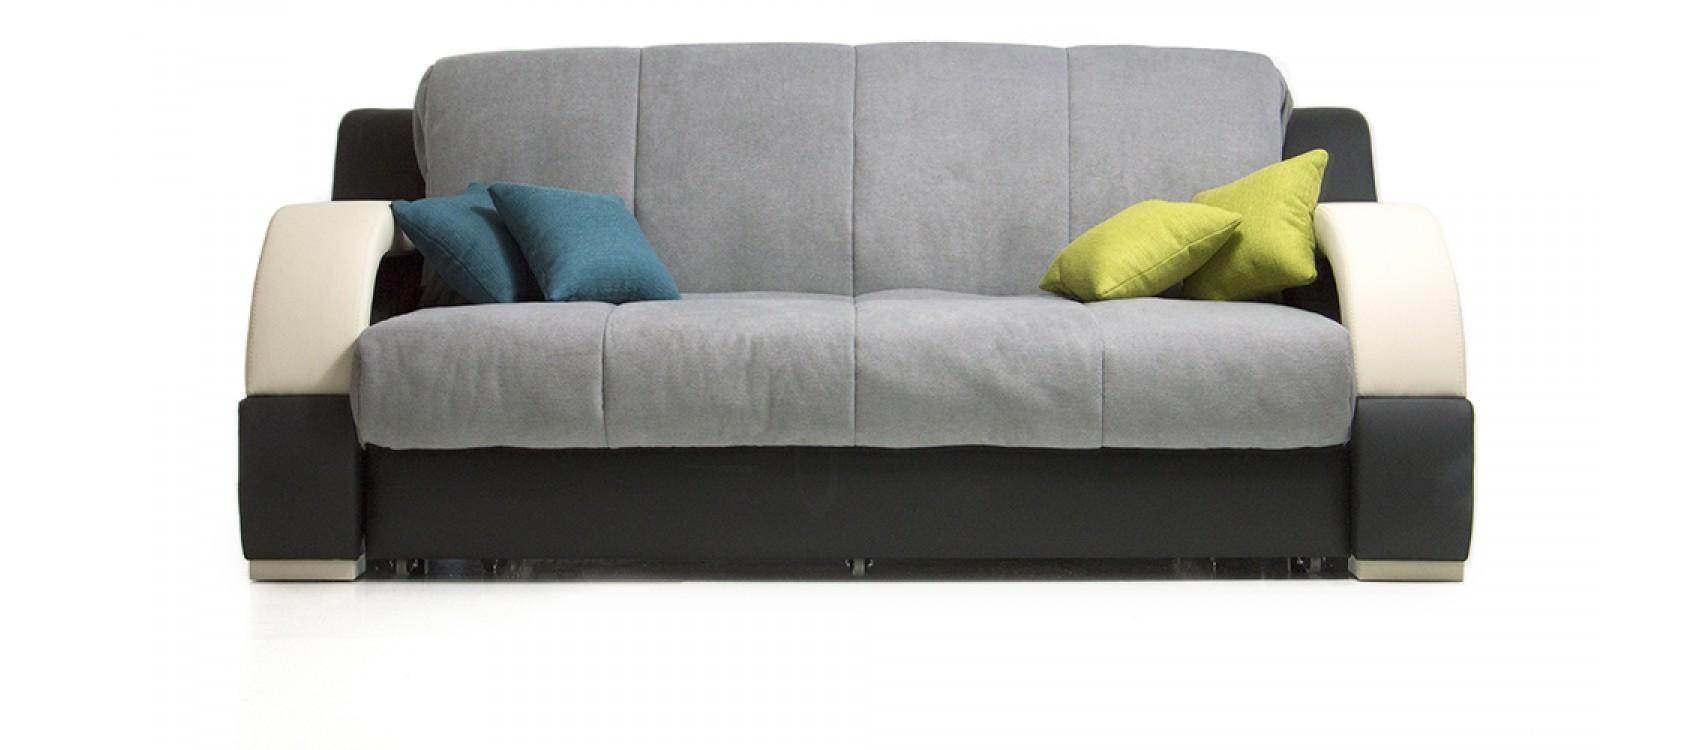 Sofa TATAMI foto 1